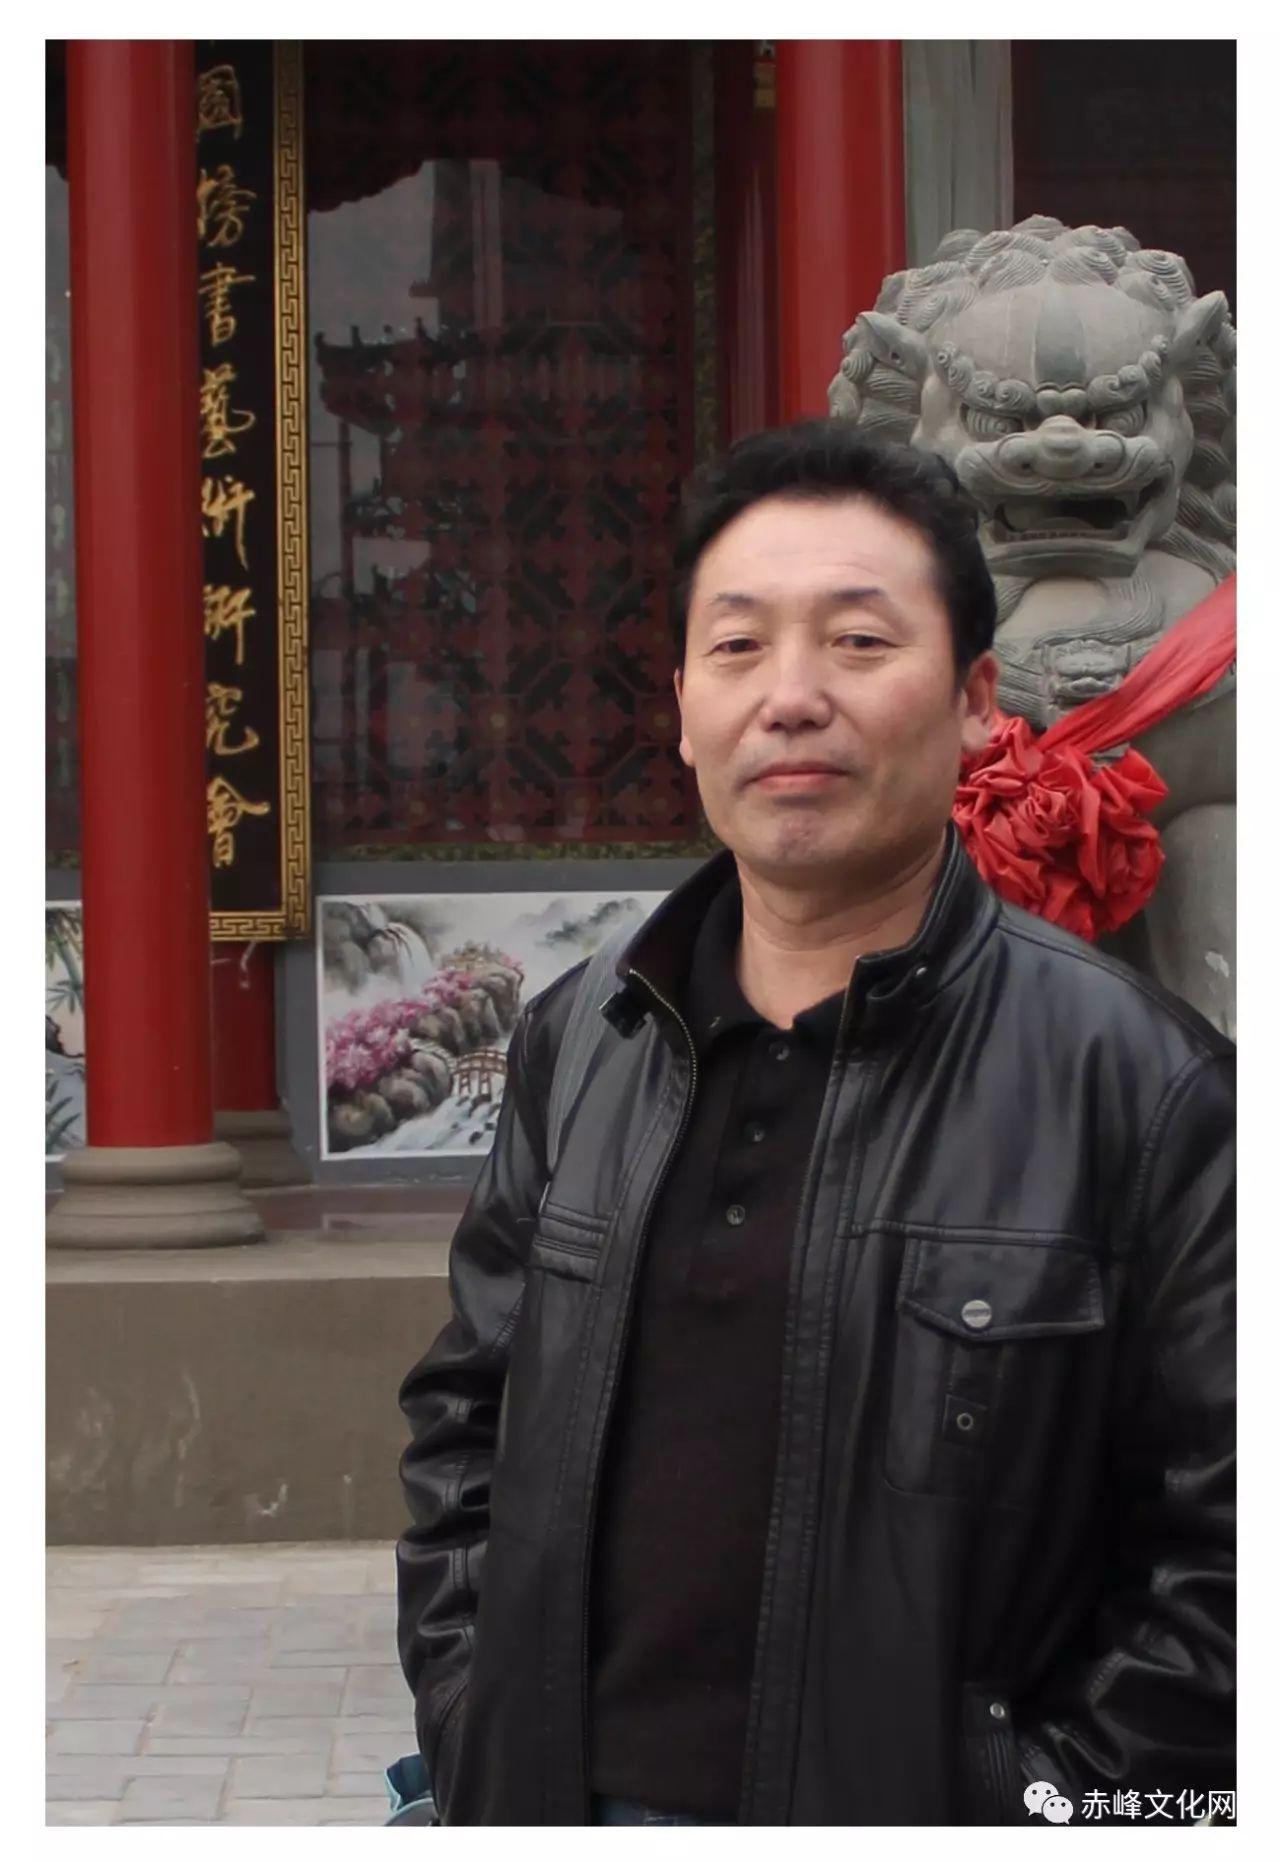 【文化赤峰】水墨丹青、栩栩如生——布和巴特尔国画展! 第2张